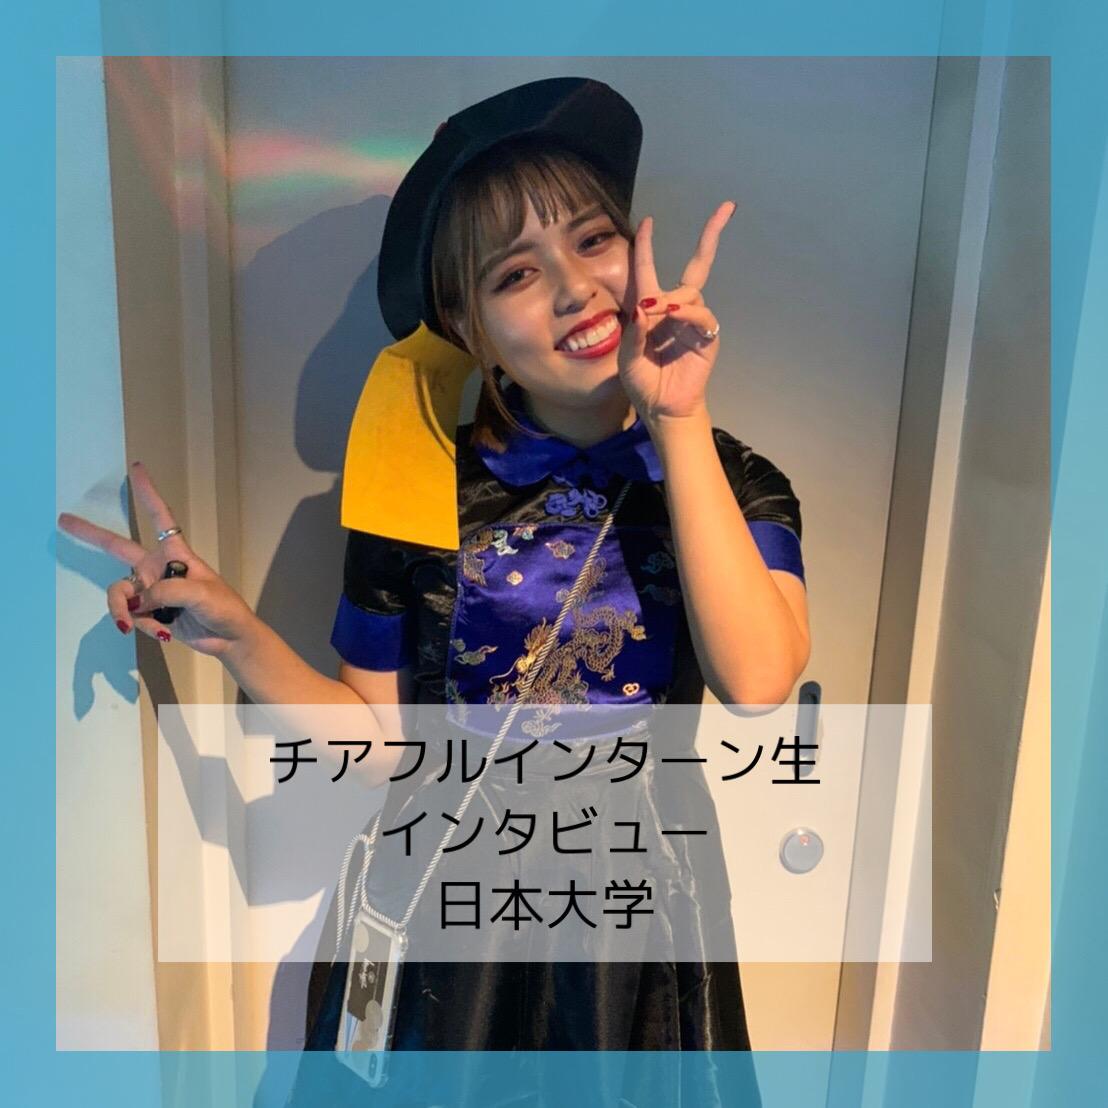 【東京21卒:日本大学】チアフルでの活動を通して自分の視野が広がり、未来の選択肢が増えました!